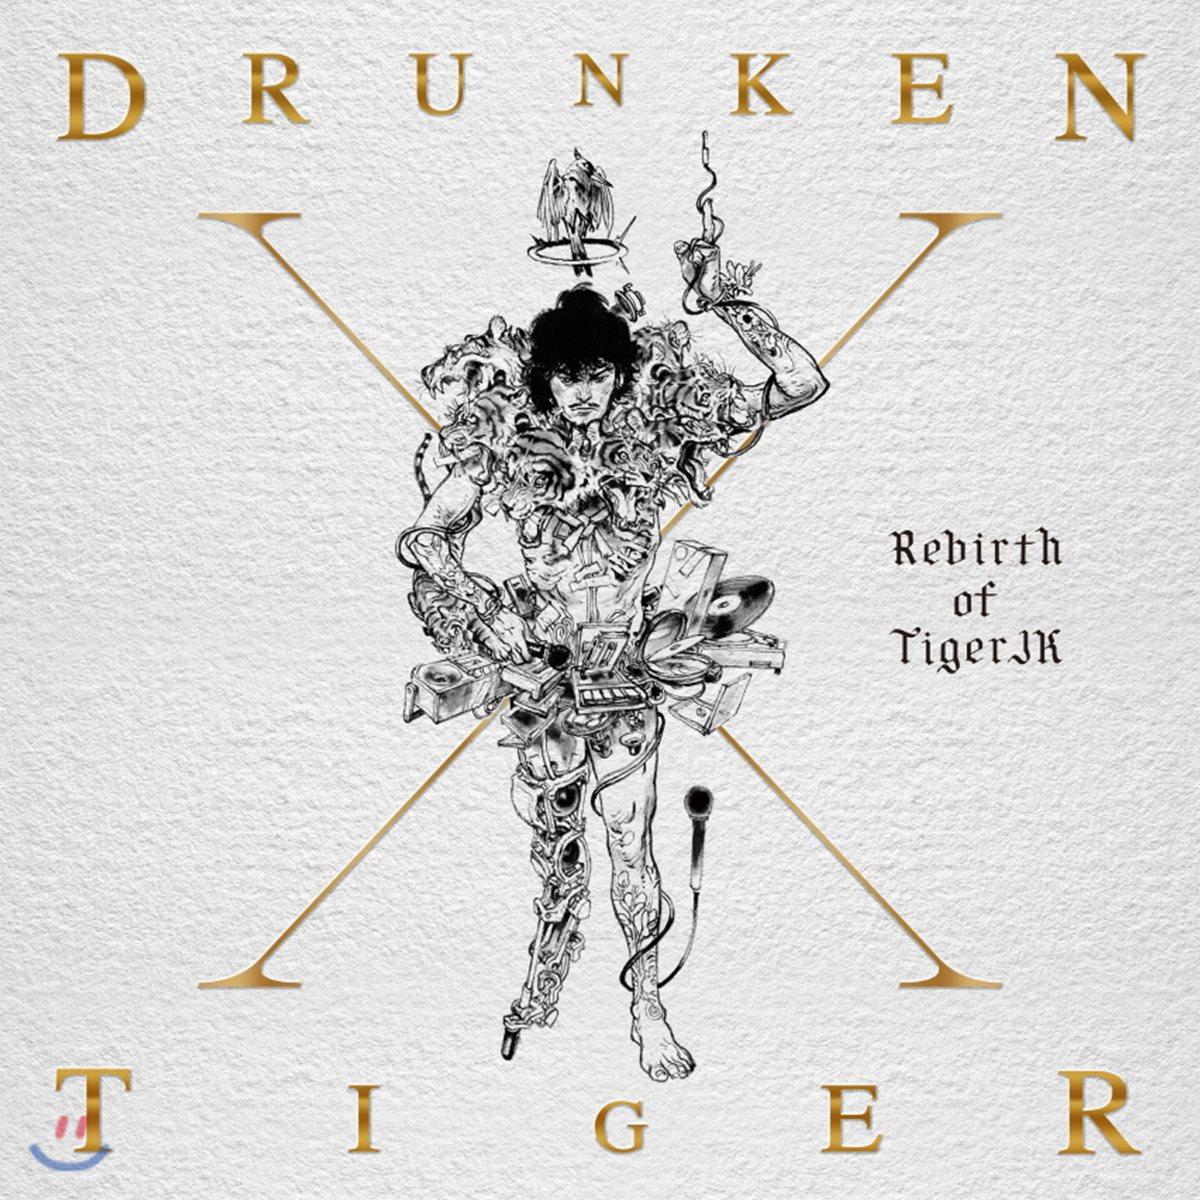 드렁큰타이거 - Rebirth of Tiger JK